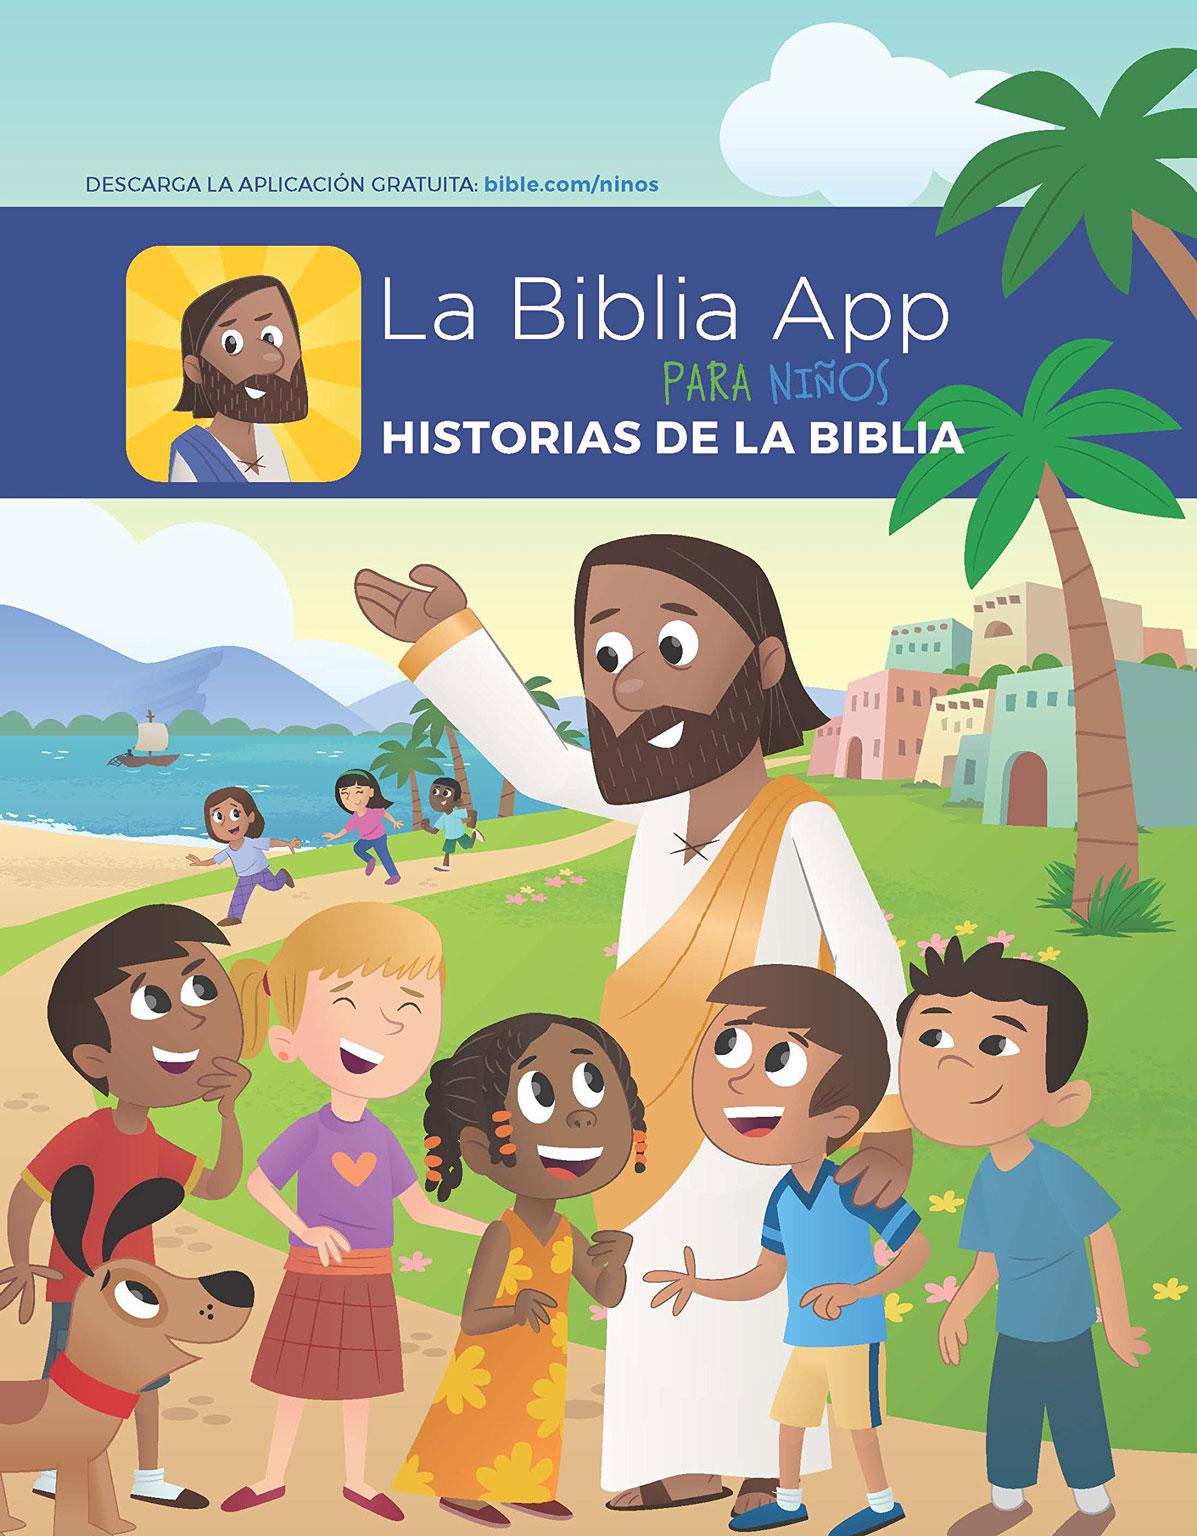 La Biblia App Para Ninos